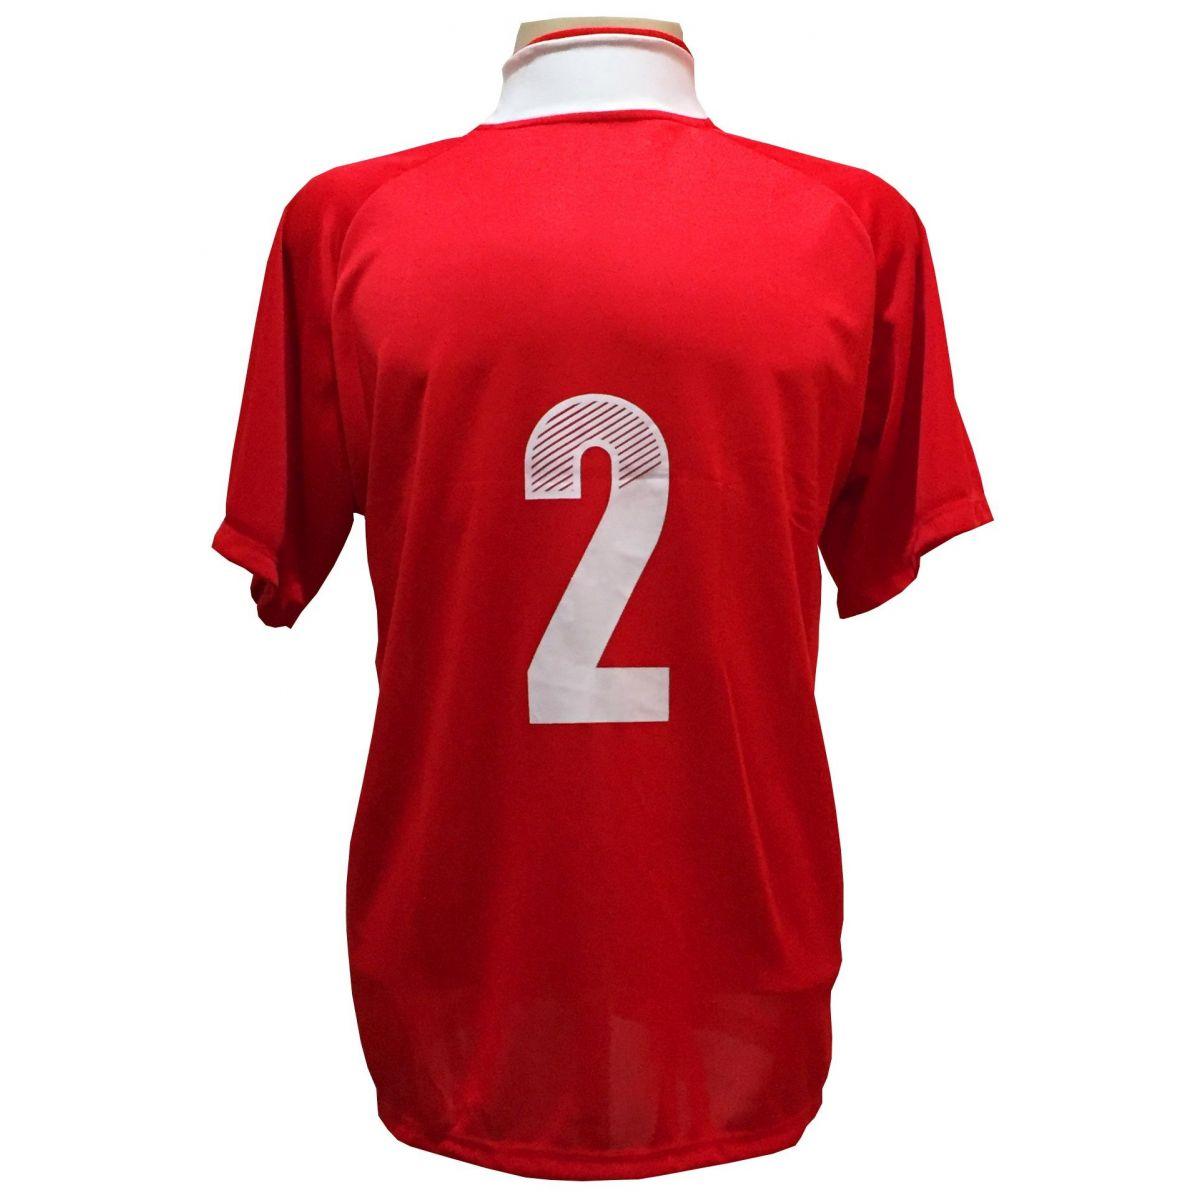 Jogo de Camisa com 20 unidades modelo Milan Vermelho/Branco